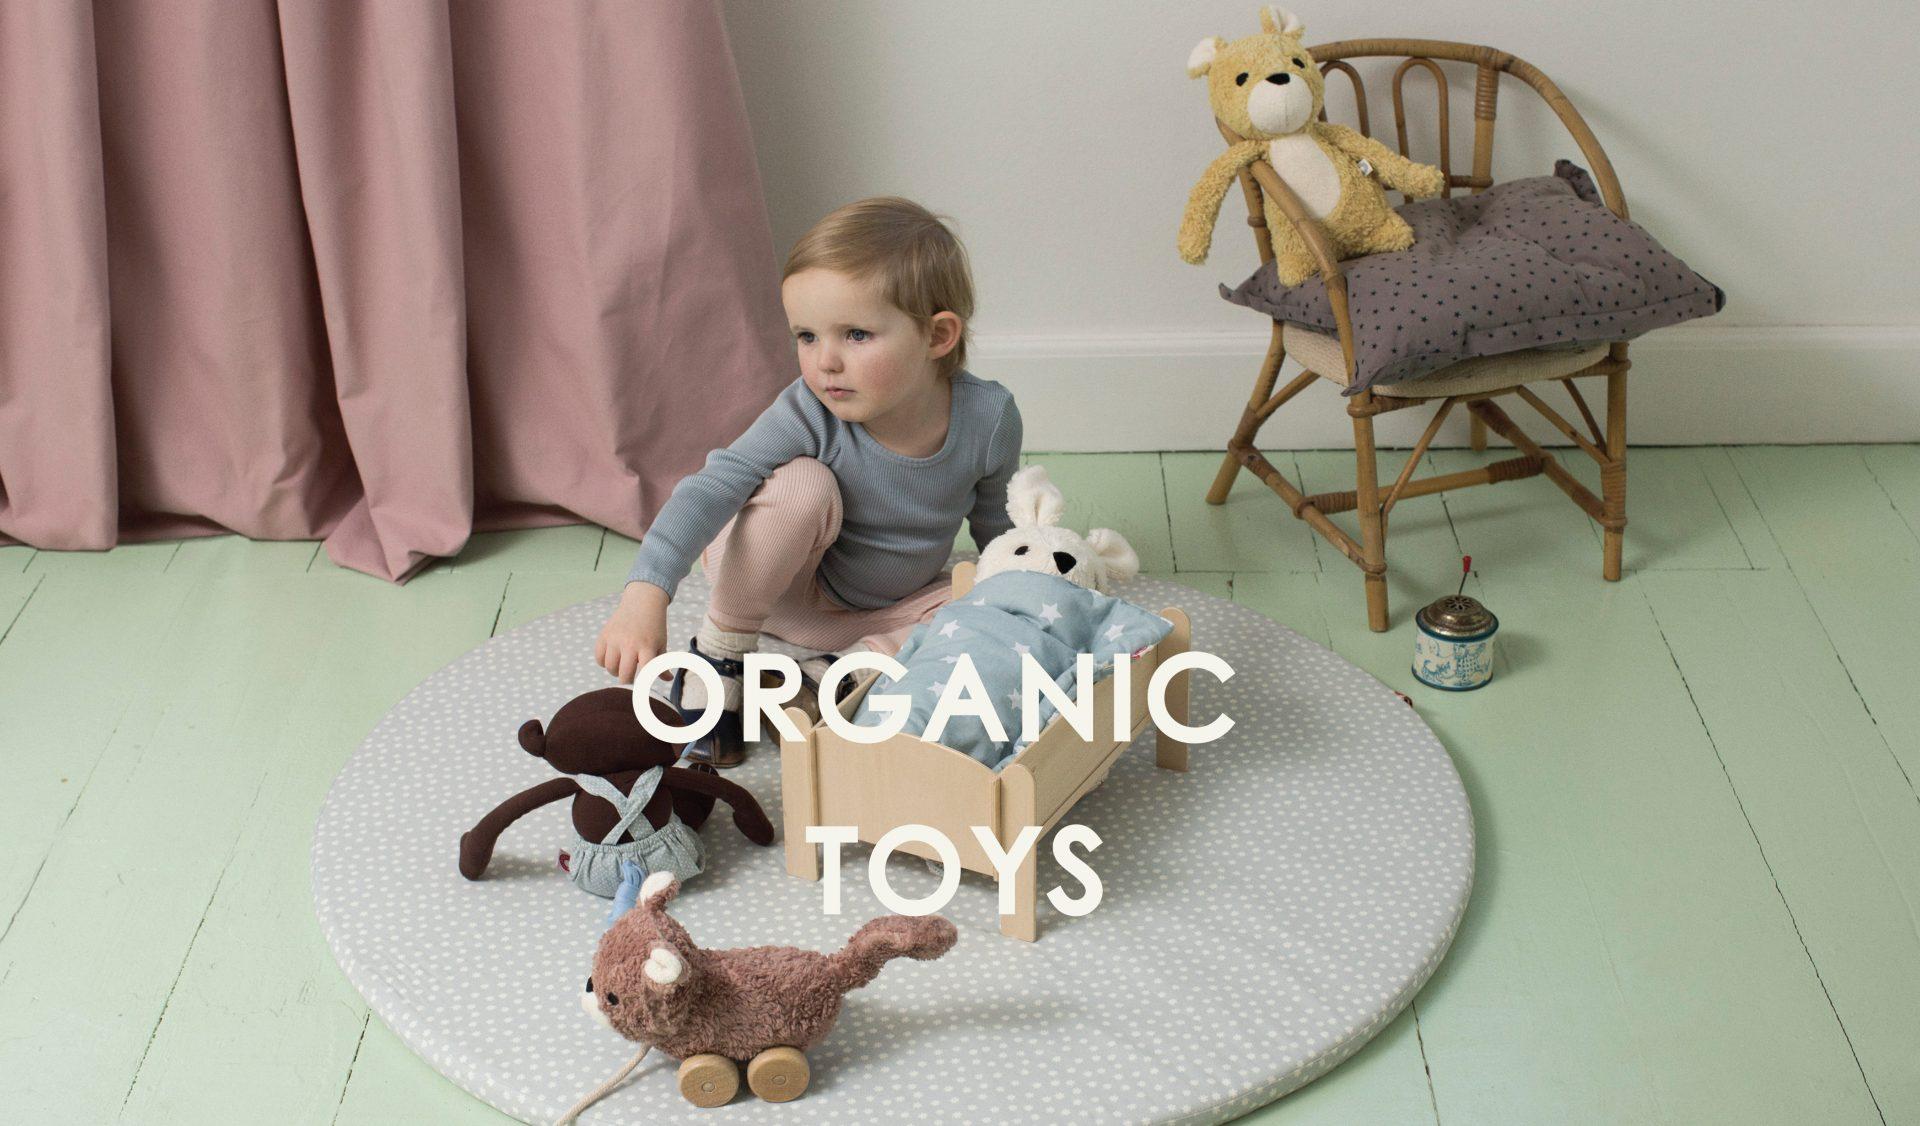 Organic toys til krussel